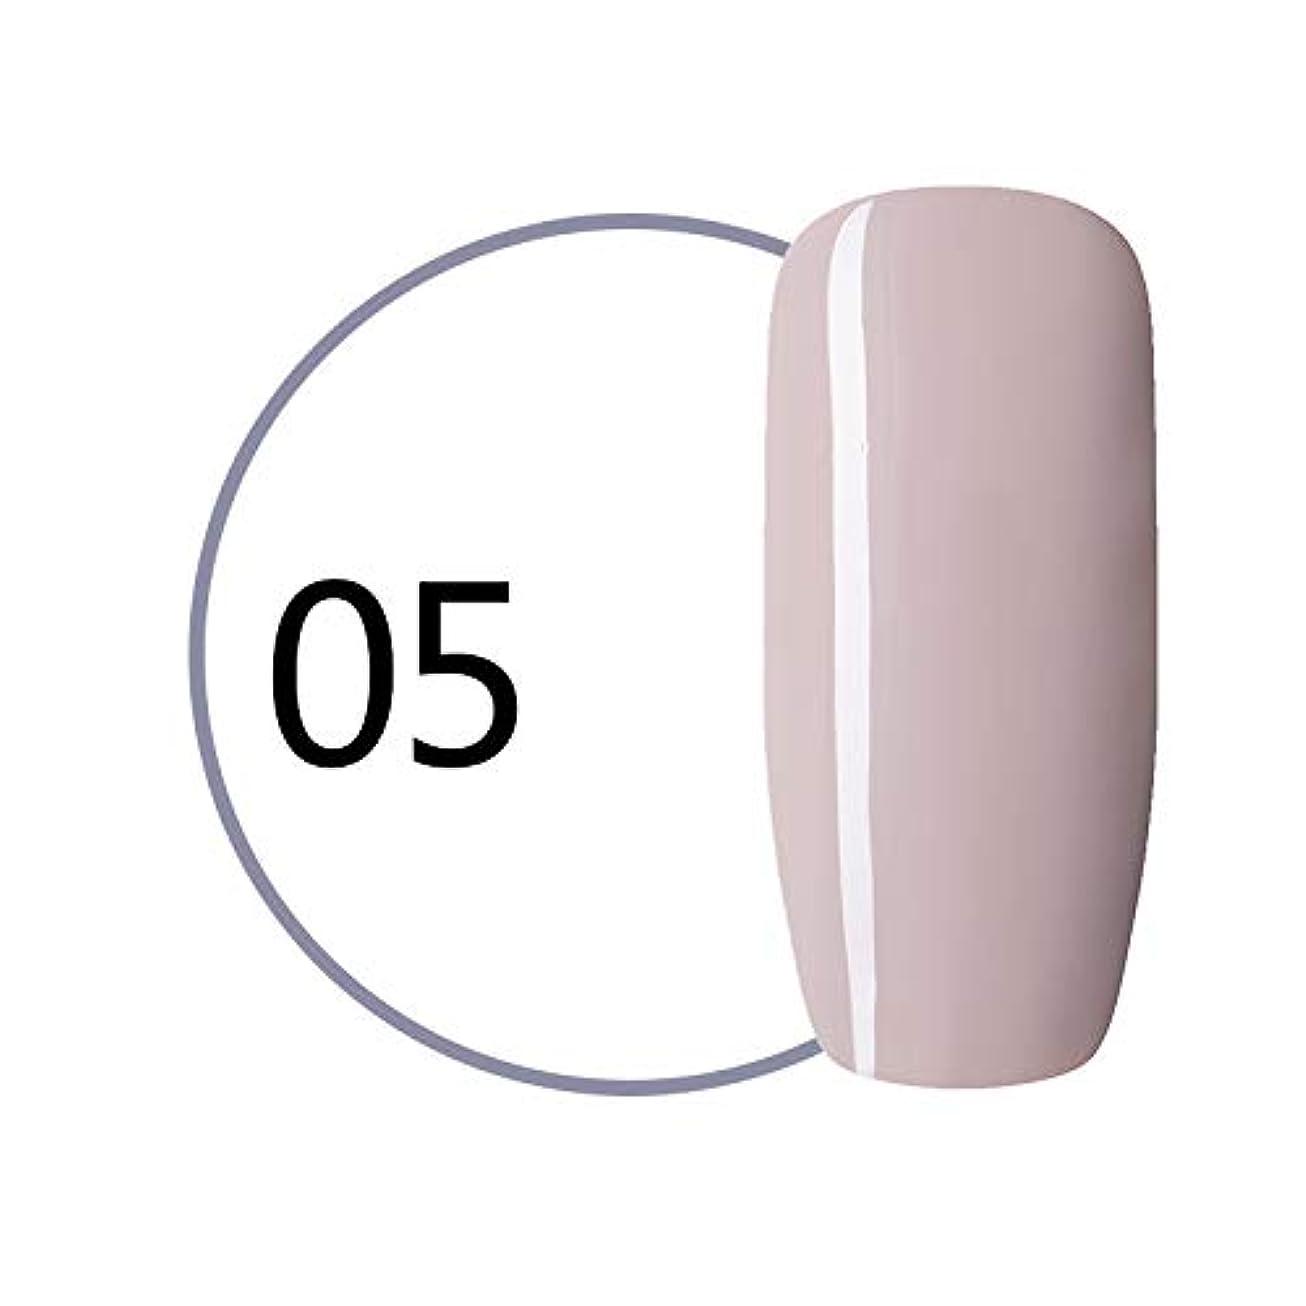 色鯨単位Symboat マニキュア ソークオフ UV LED ネイルジェルポリッシュ ワイングレーシリーズ ネイル用品 女優 人気 初心者にも対応 安全 無毒